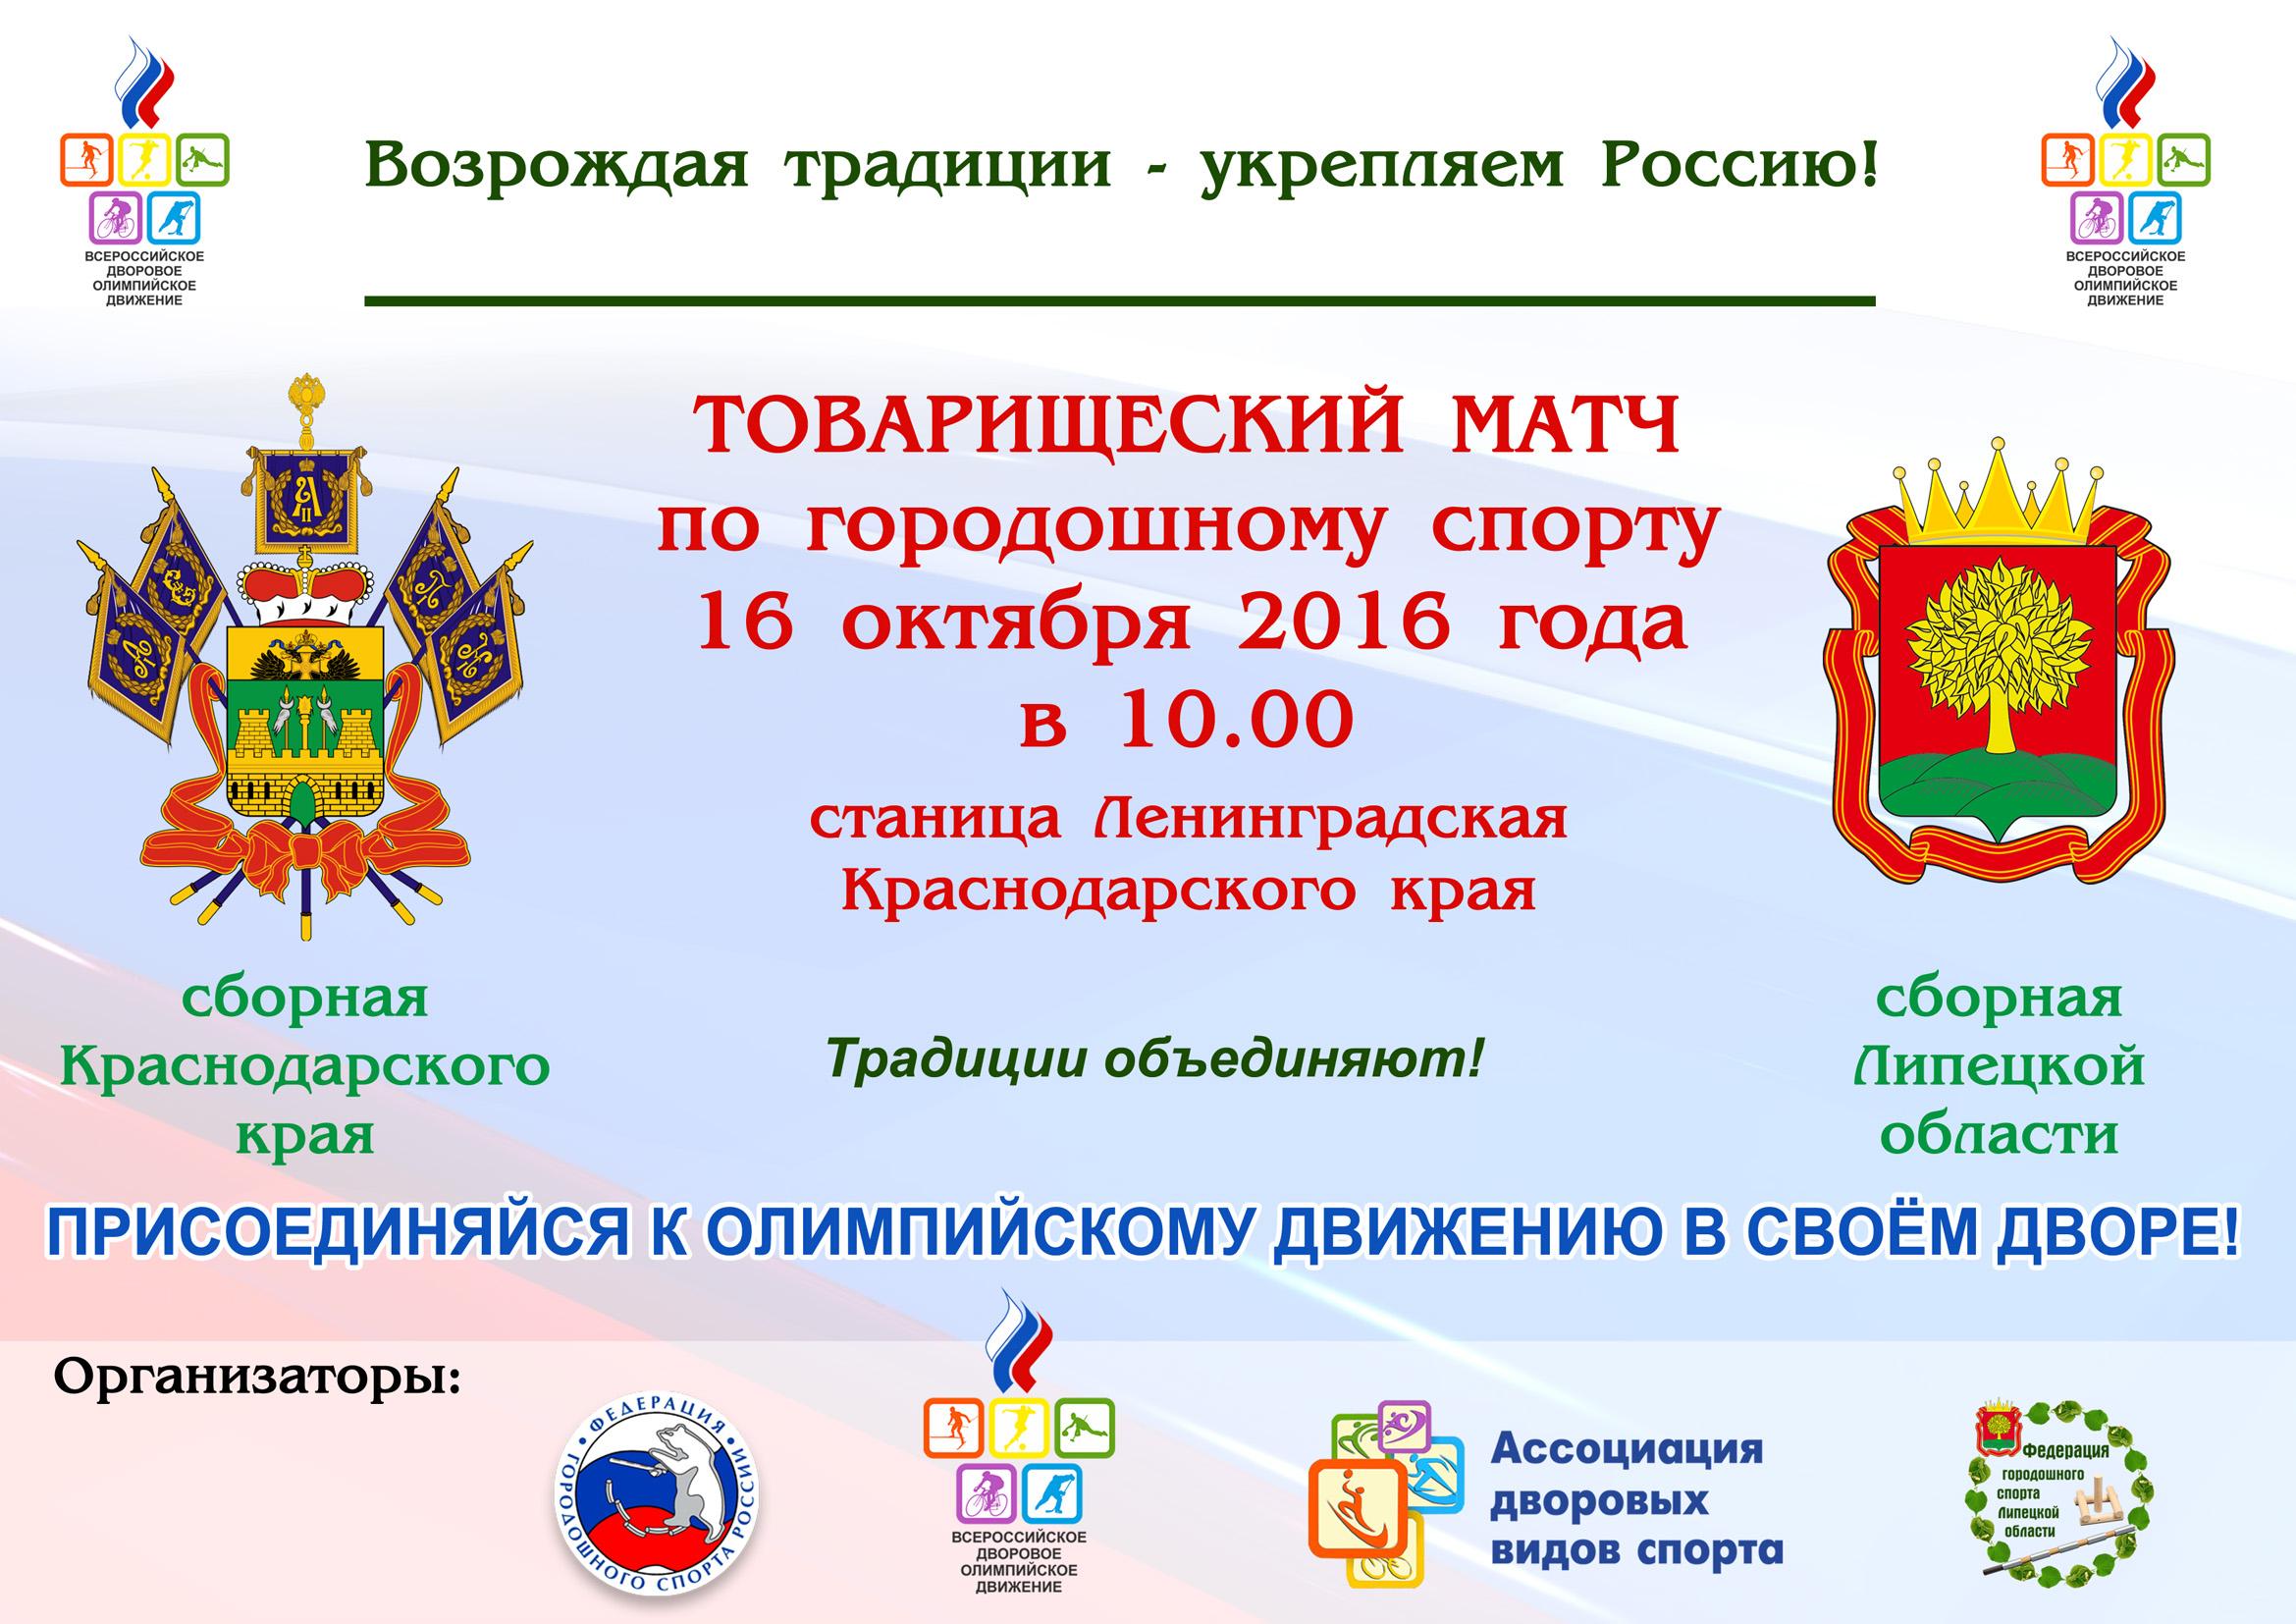 Городошная сборная Липецкой области сыграет исторический матч со сборной Краснодарского края